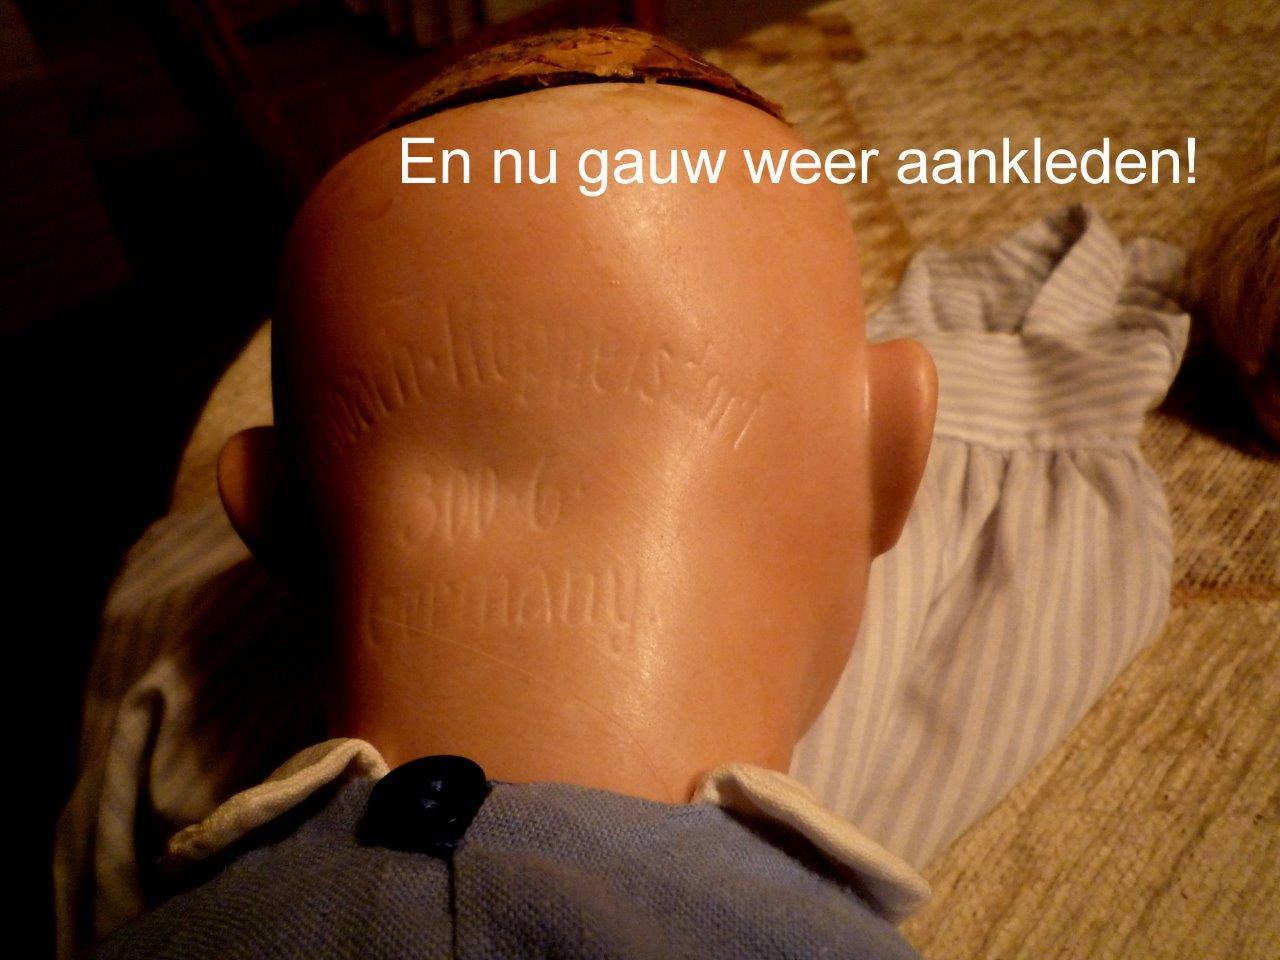 https://welkepopisdat.nl/afbeeldingen-Forum/DurvinaFotos/5%20poppen%20(18).jpg